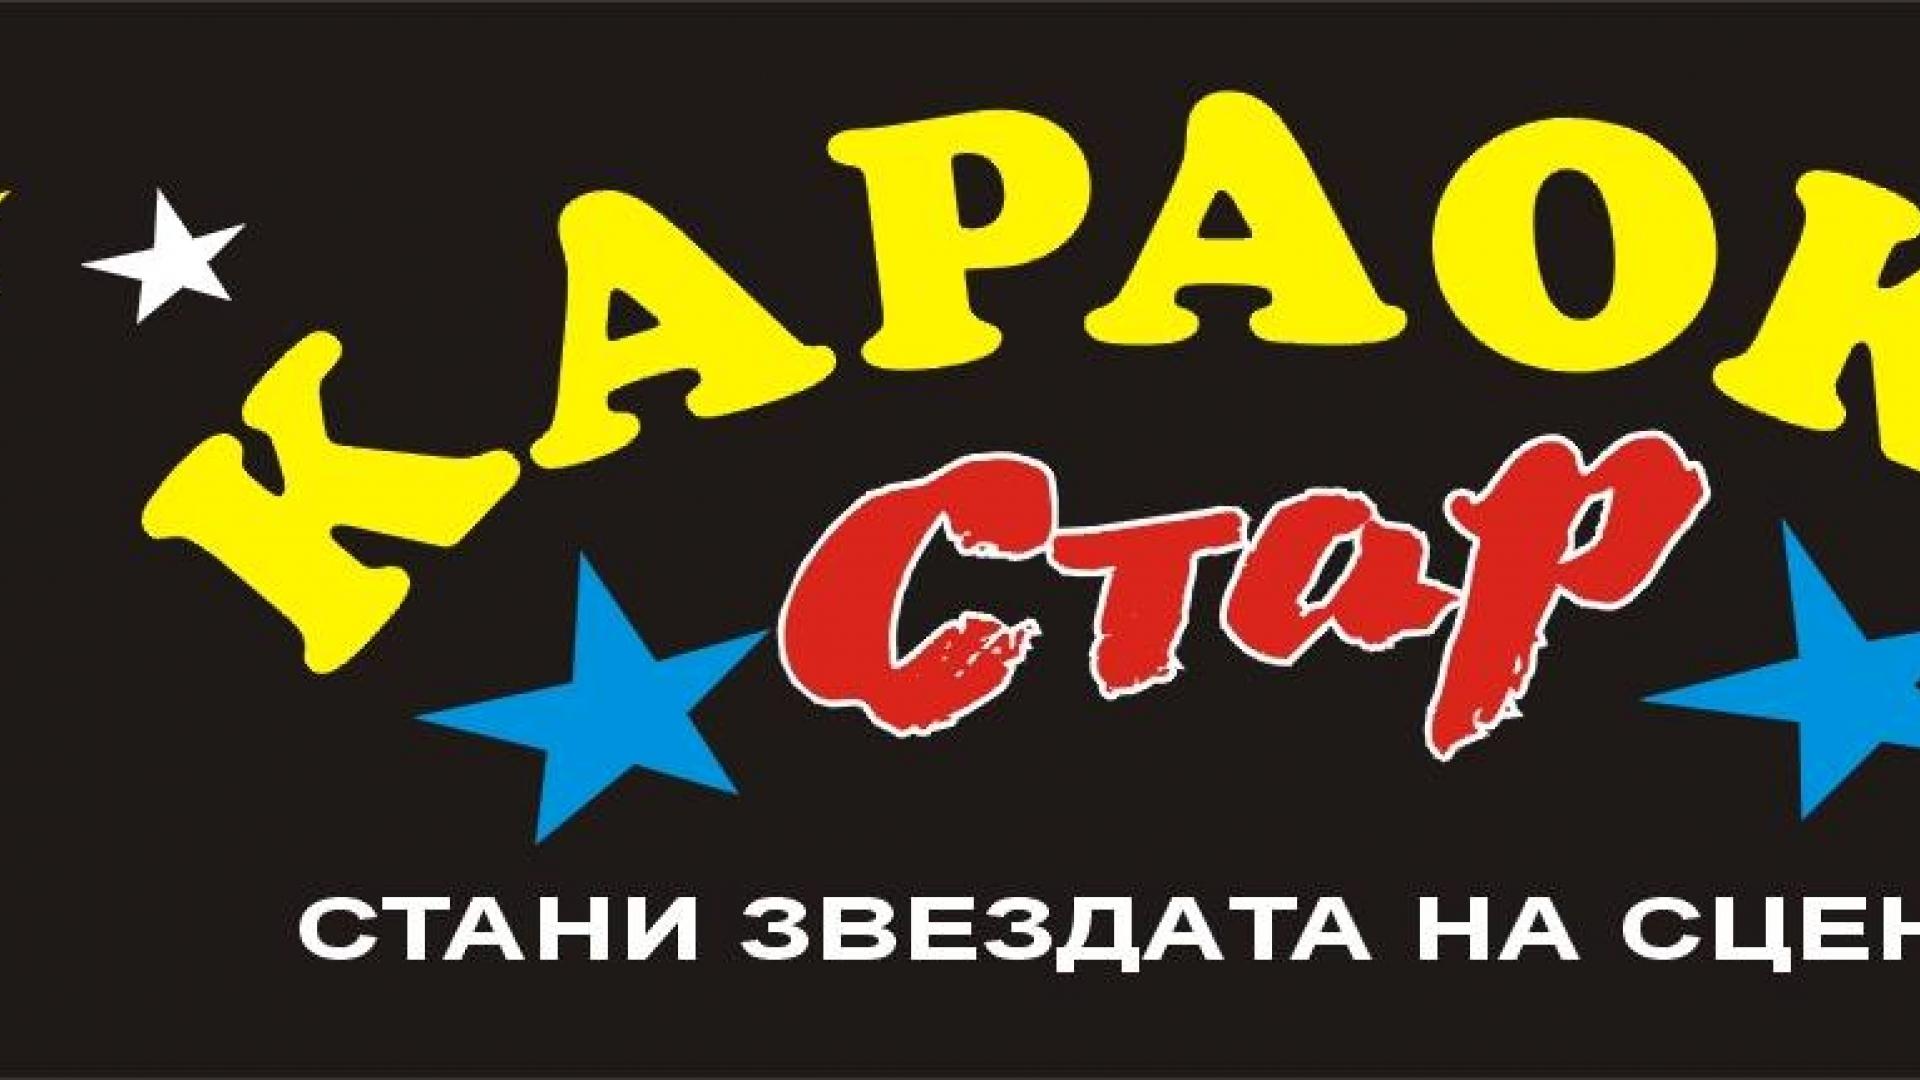 Програма на концертния сезон в Караоке Стар - м. октомври 2017